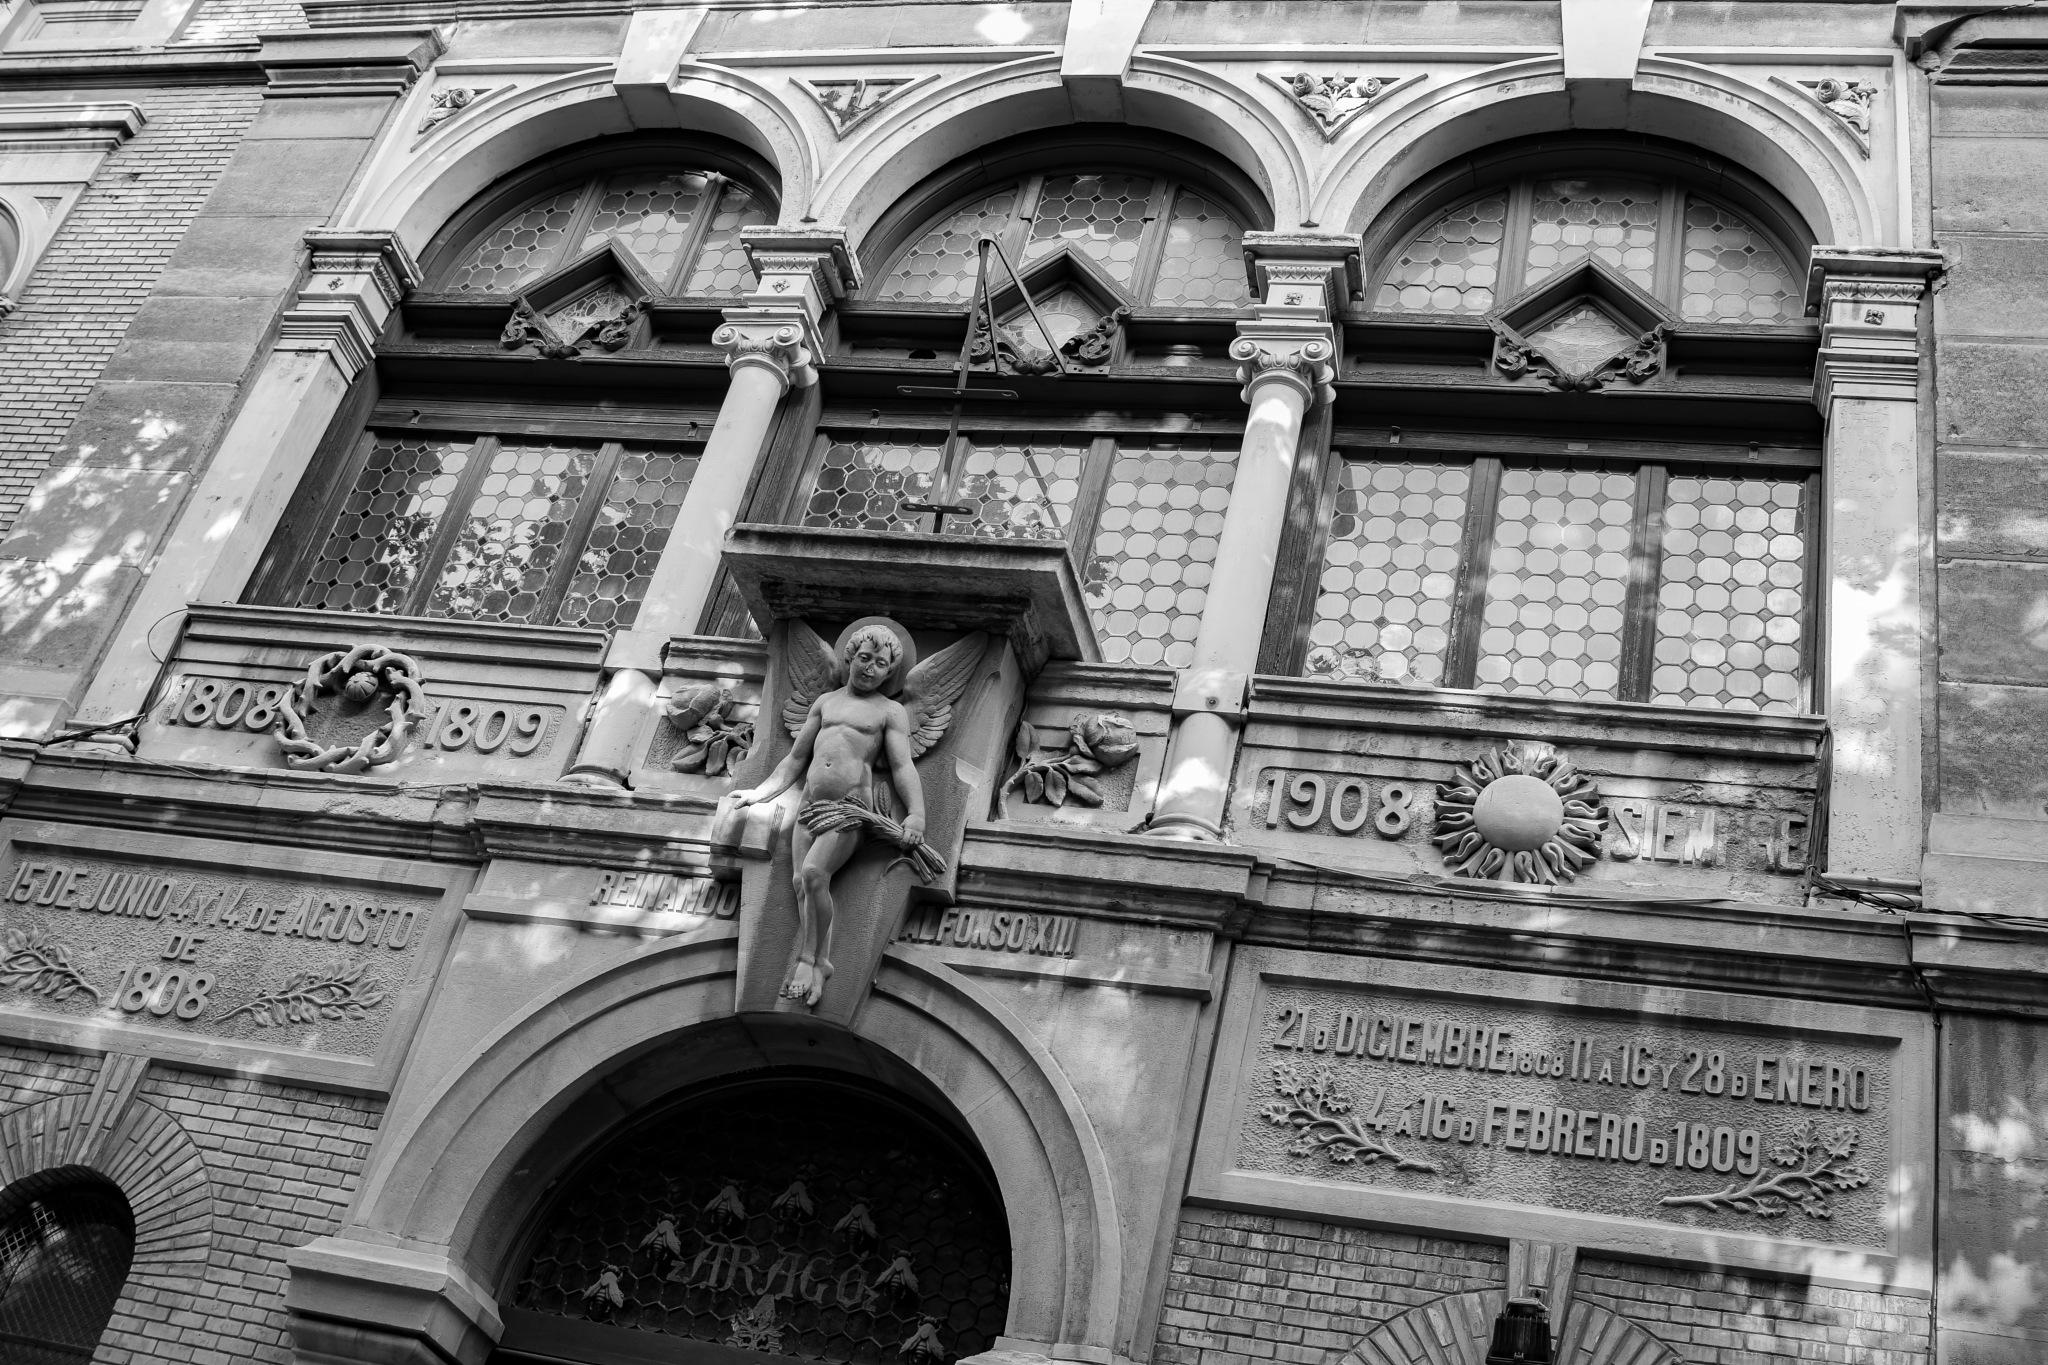 Fachada de la antigua Escuela de Artes de Zaragoza by Fernando Yanguas Morera